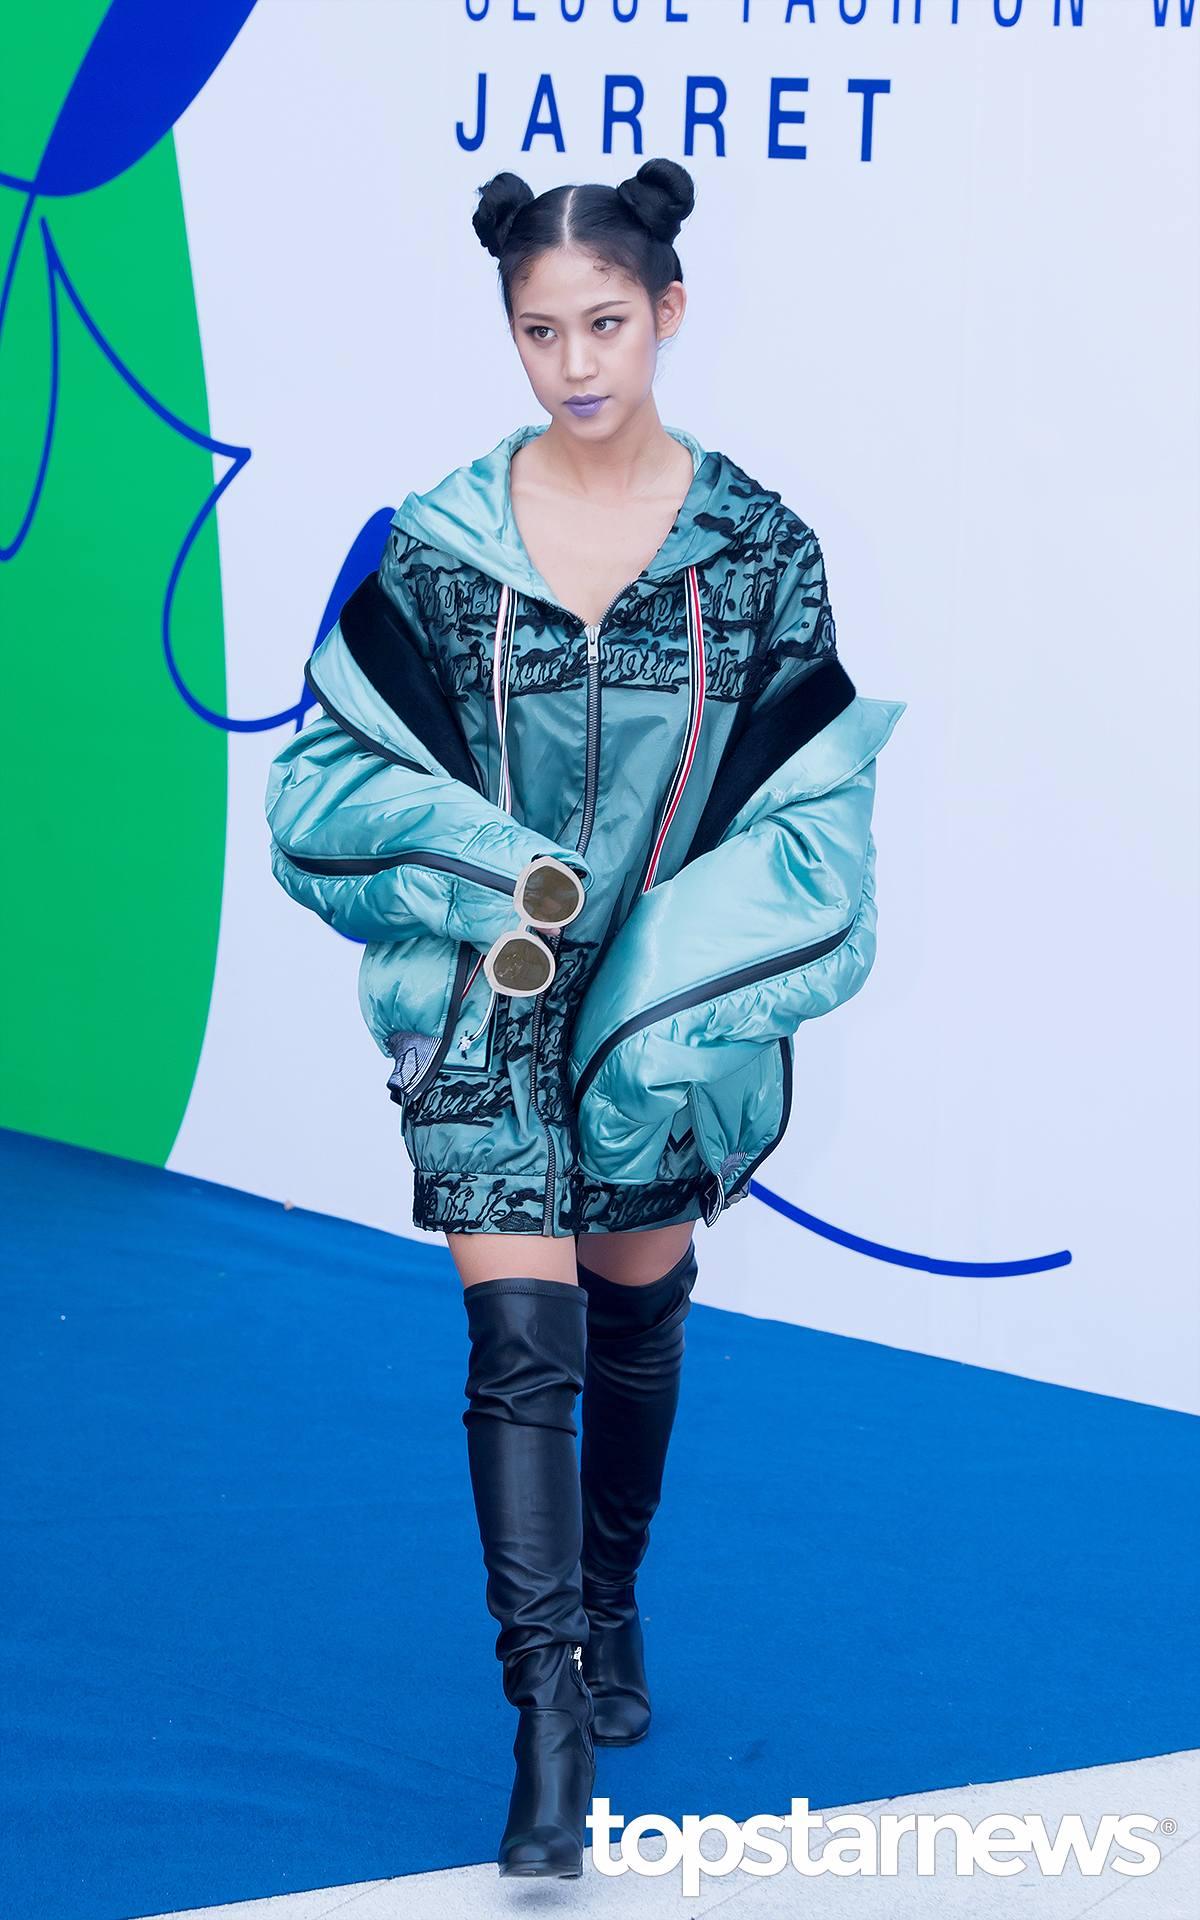 Nada一件簡單的太空夾克就完成了「褲子去哪兒了」的裝扮,過膝長靴的選擇讓整體裝扮看起來酷勁十足^^...在此一定要提一下Nada的唇色,現在在韓國很流行這樣的深色系唇色,酷girl不要錯過哦~